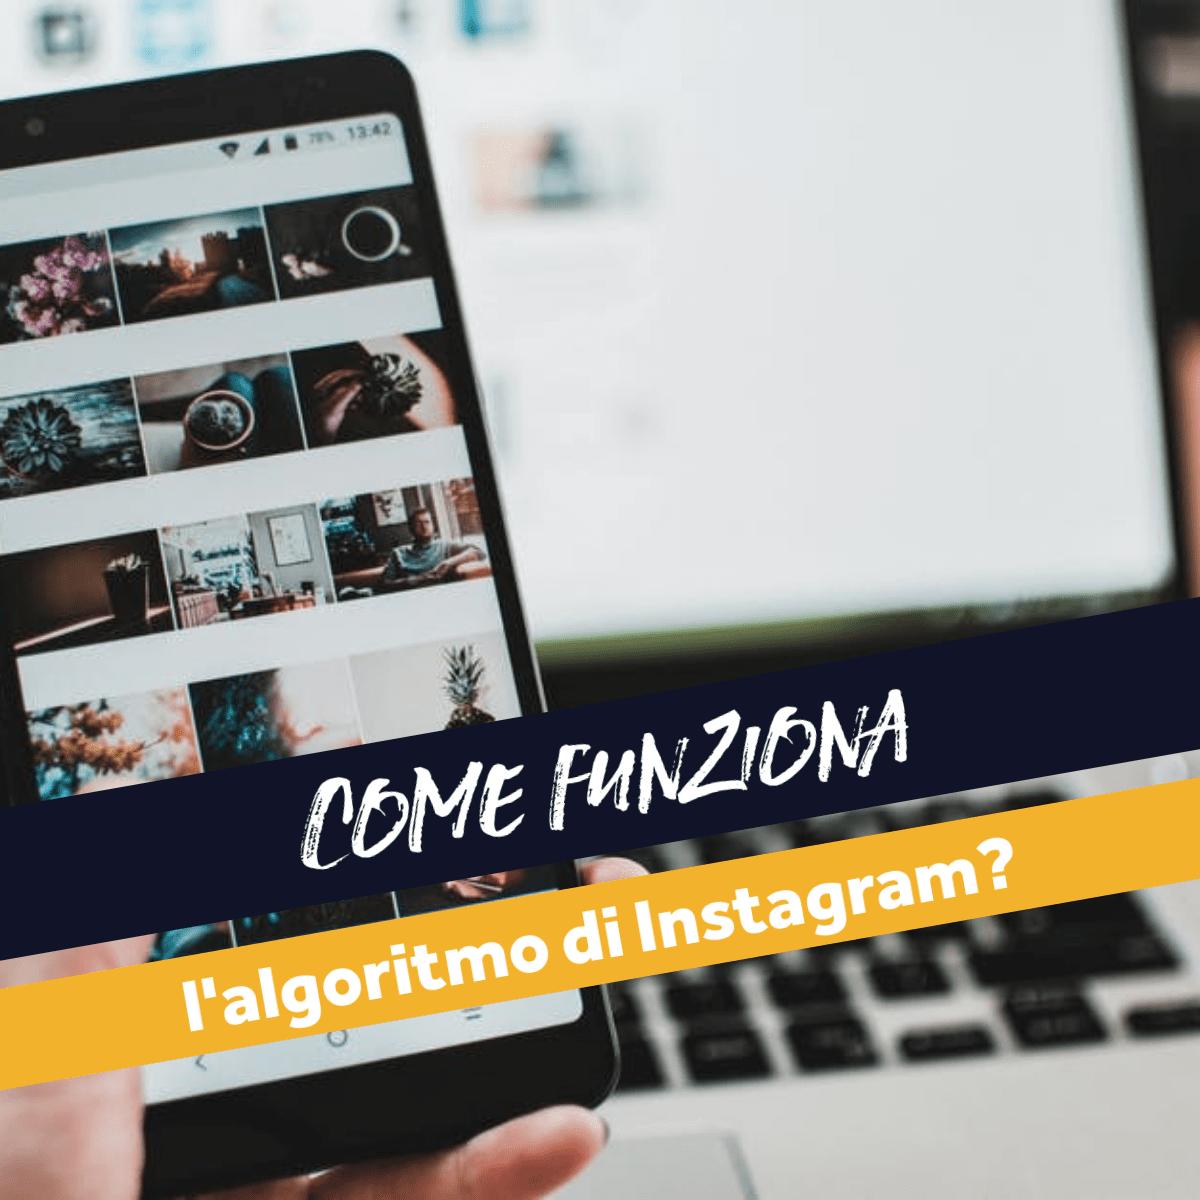 algoritmo instagram come funziona